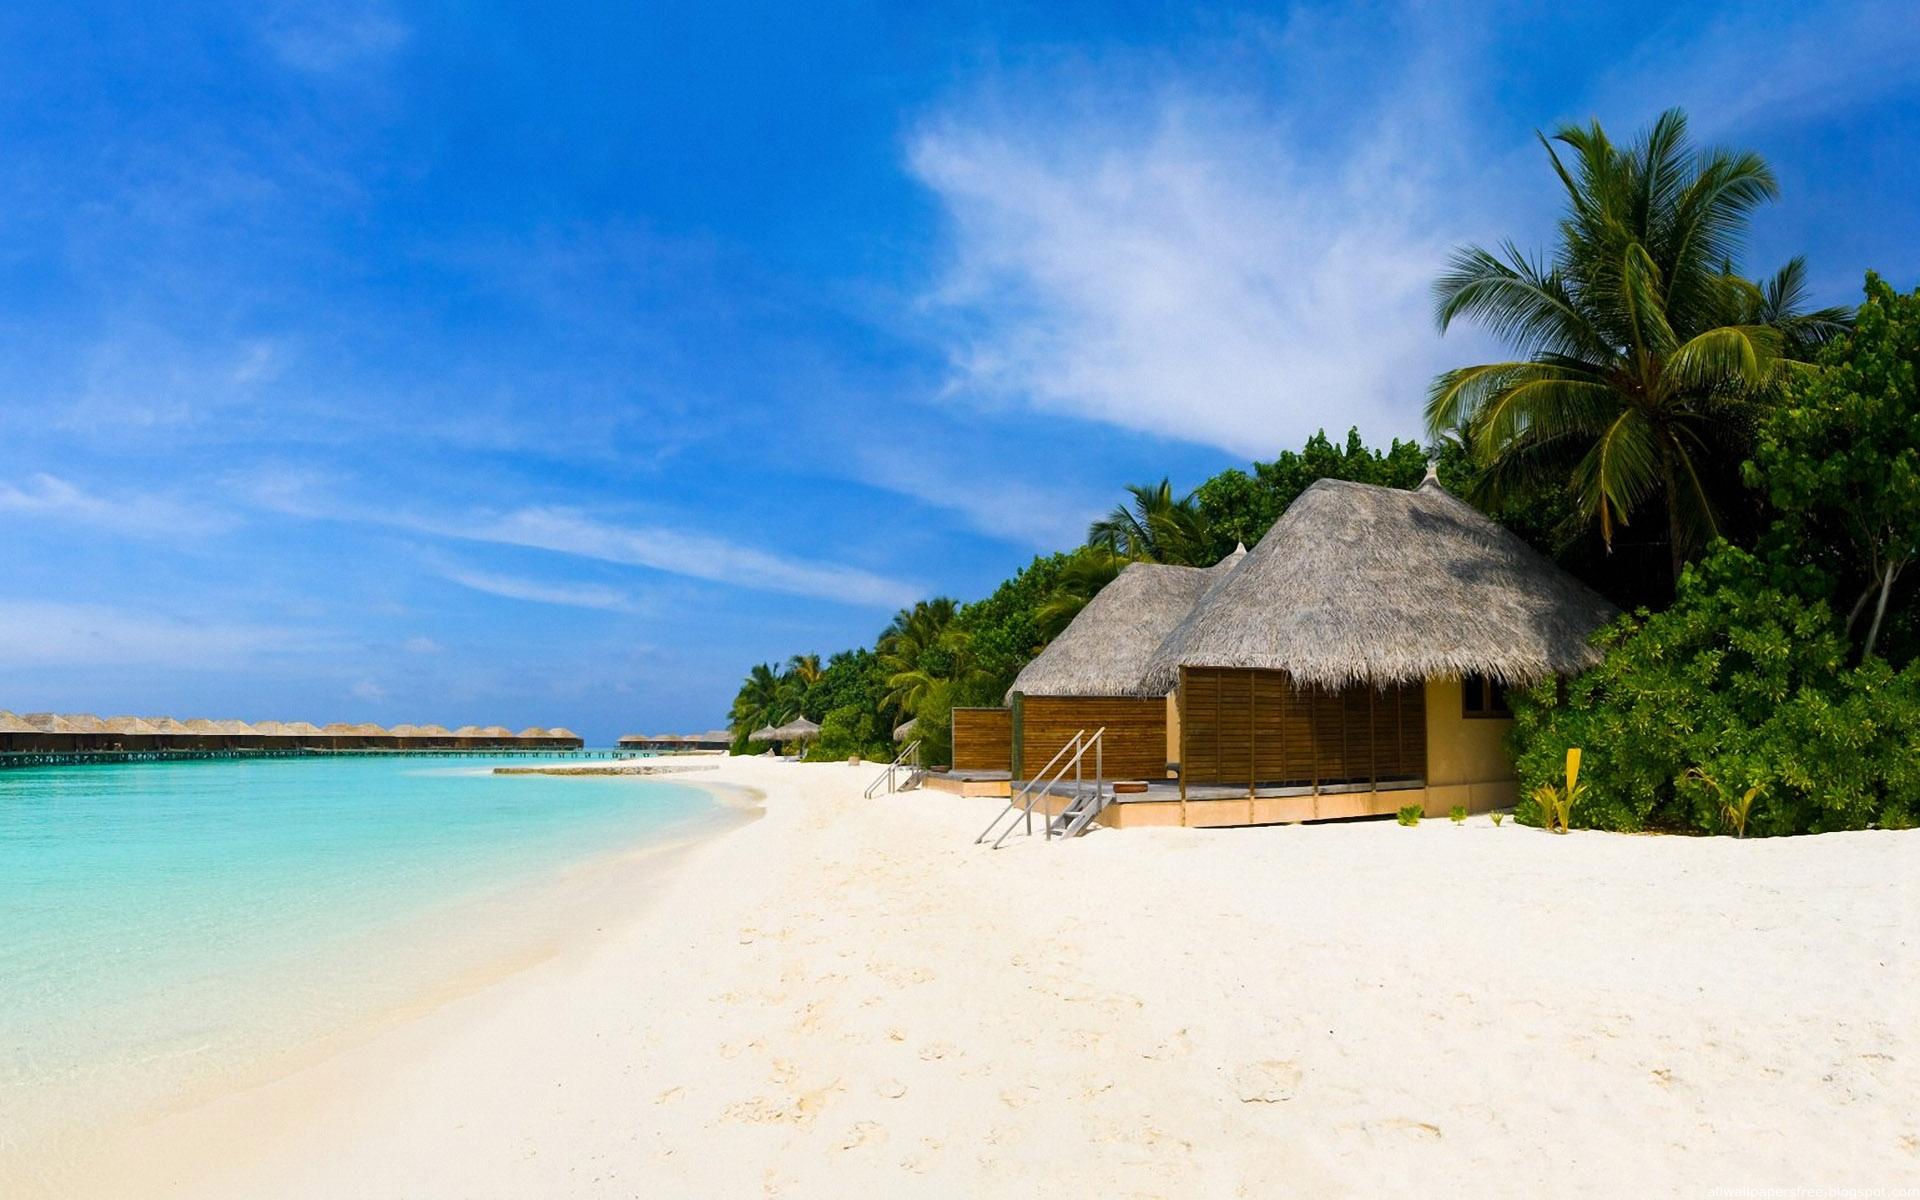 Beach Holidays Wallpaper Sand Beach